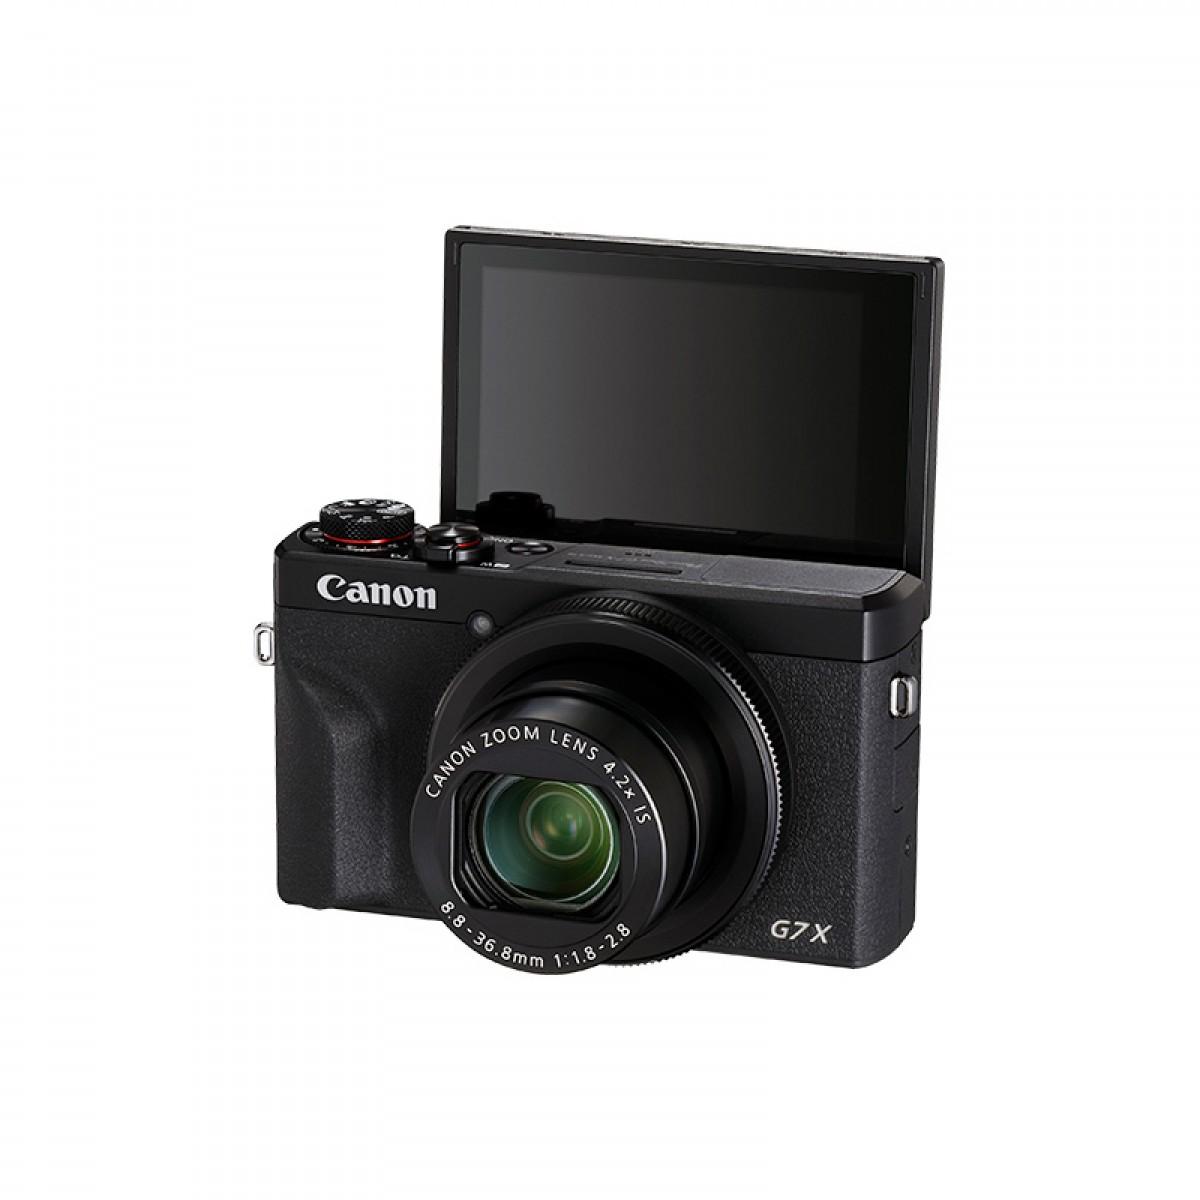 佳能 g7x3 PowerShot G7 X Mark III 卡片机Vlog美颜相机数码高清